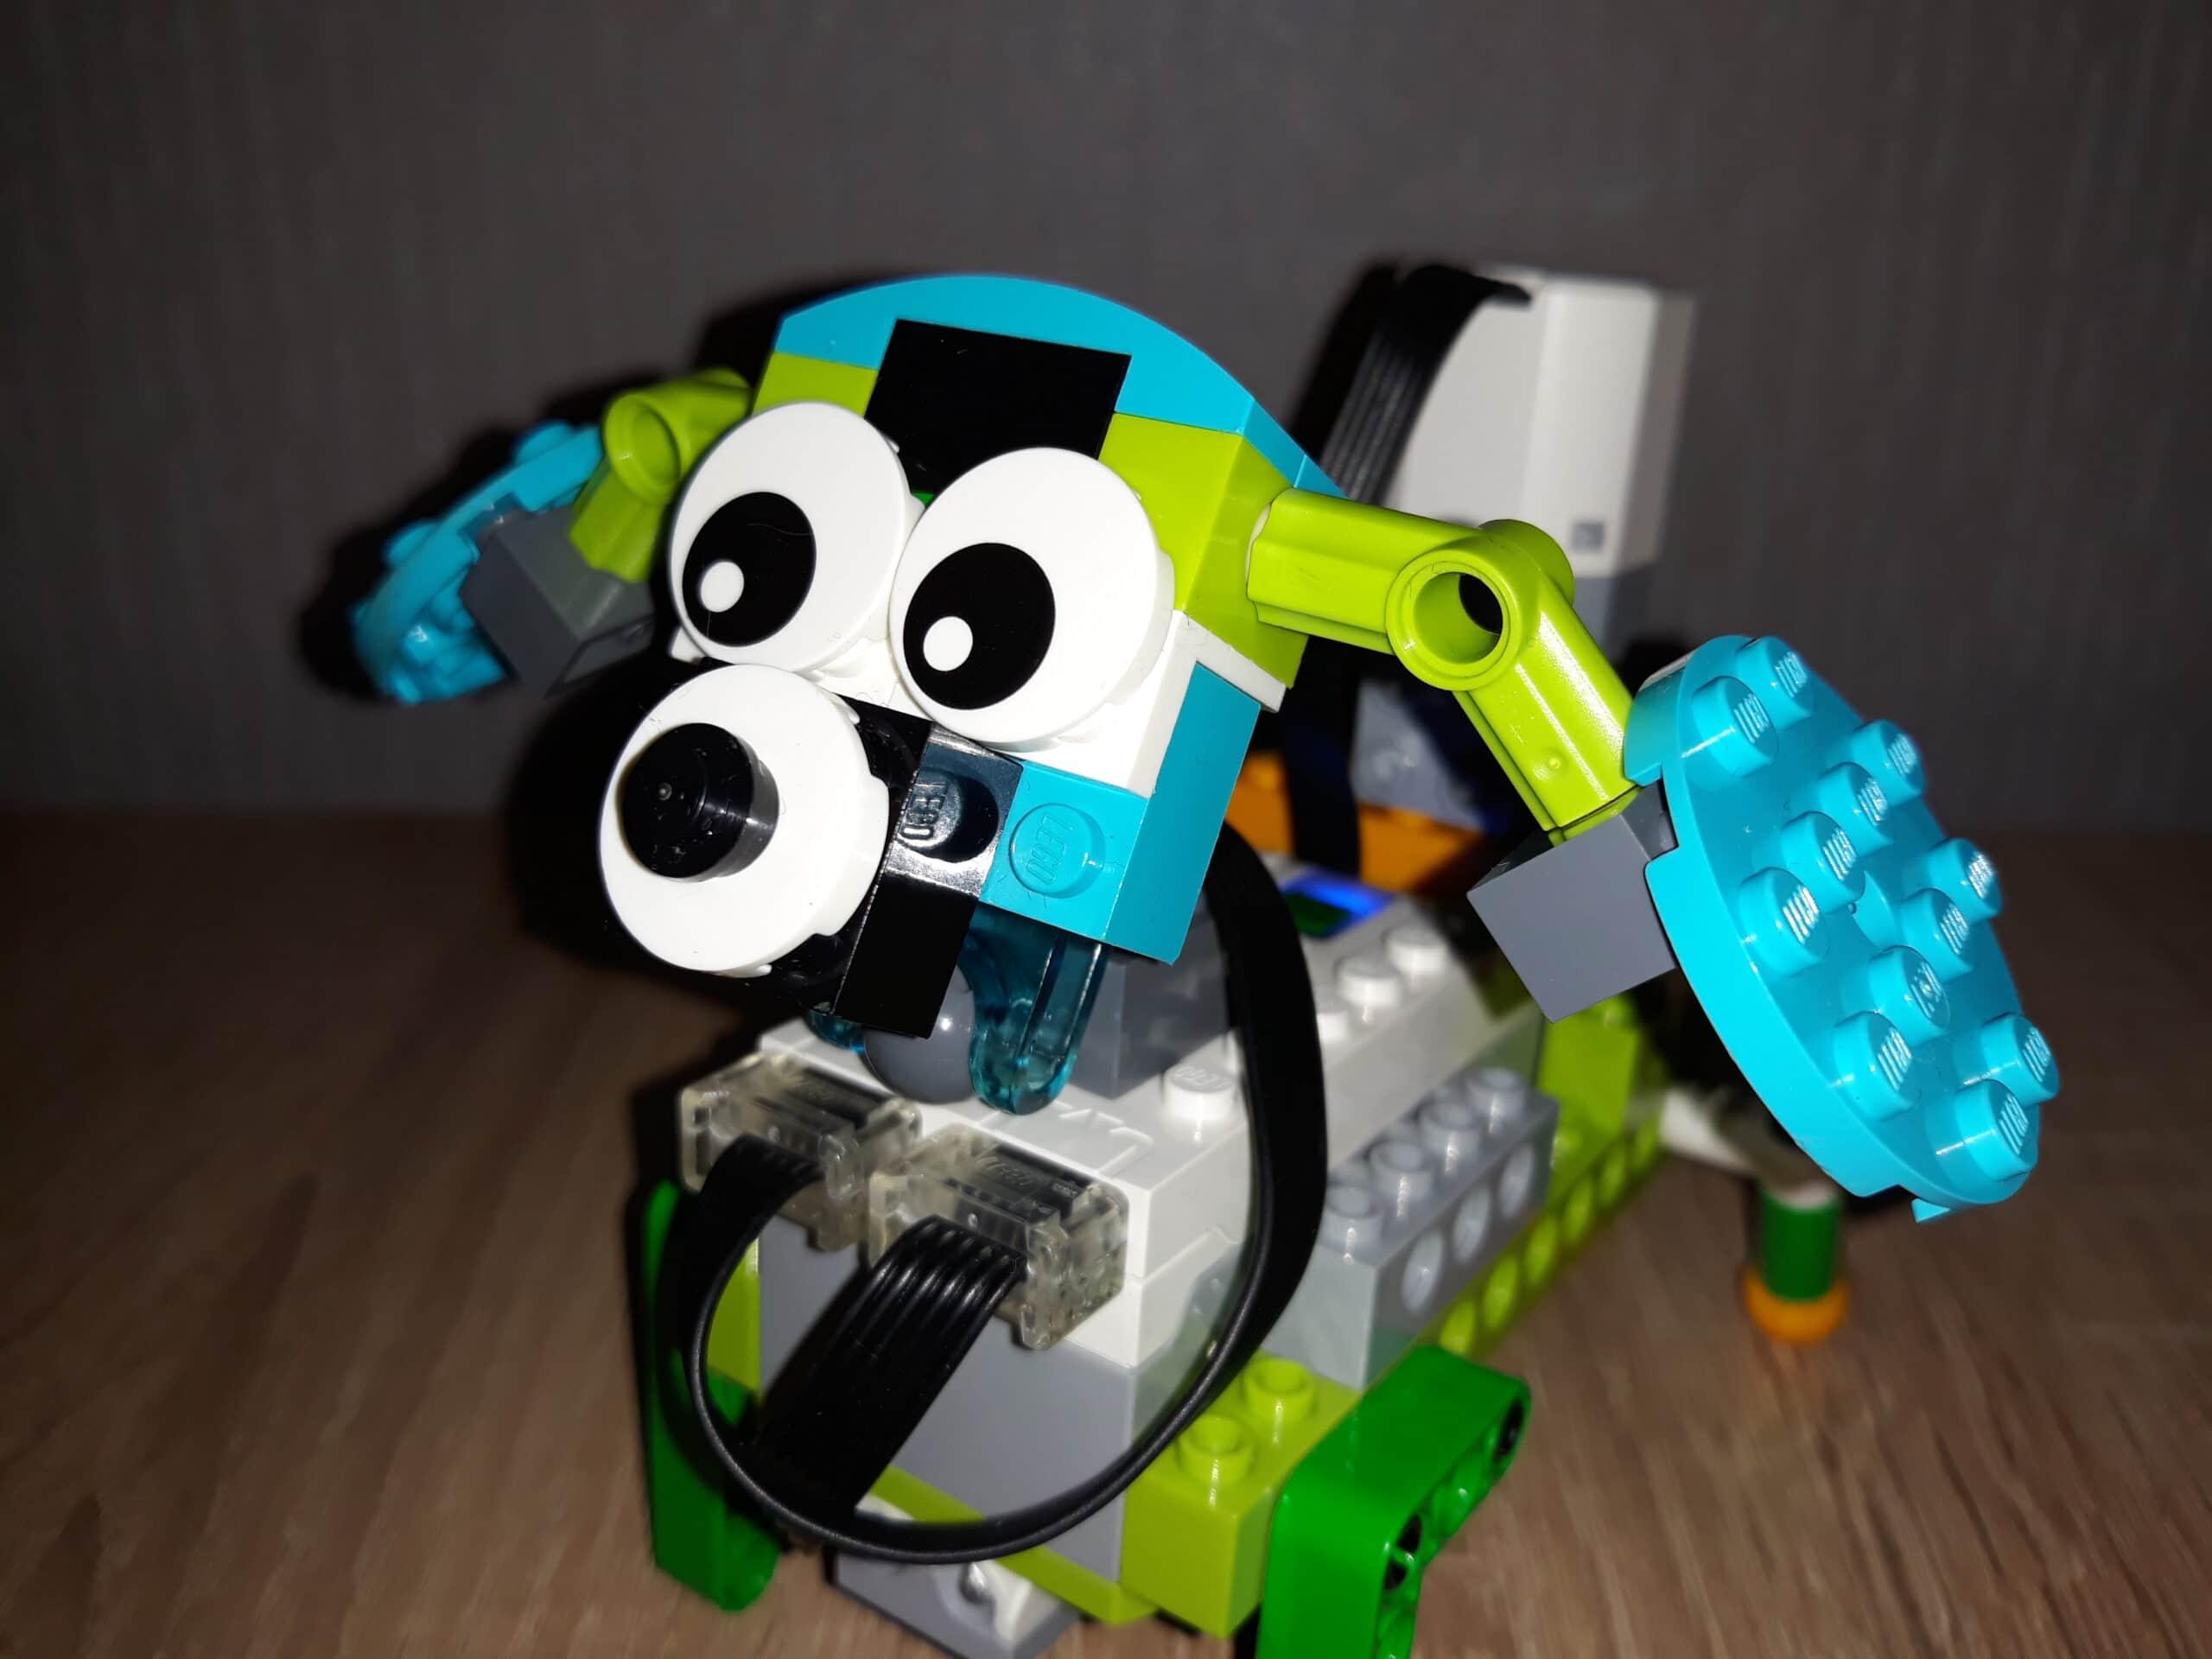 Инструкция по сборке из набора LEGO Education WeDo 2.0 Щенок